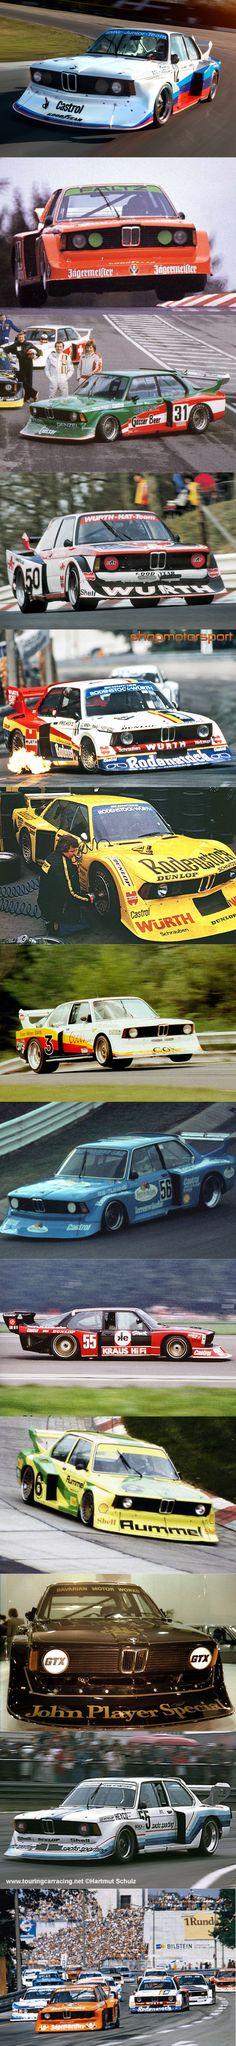 Lancia Beta Montecarlo Gruppo B 1978 | Lancia racing | Pinterest ...